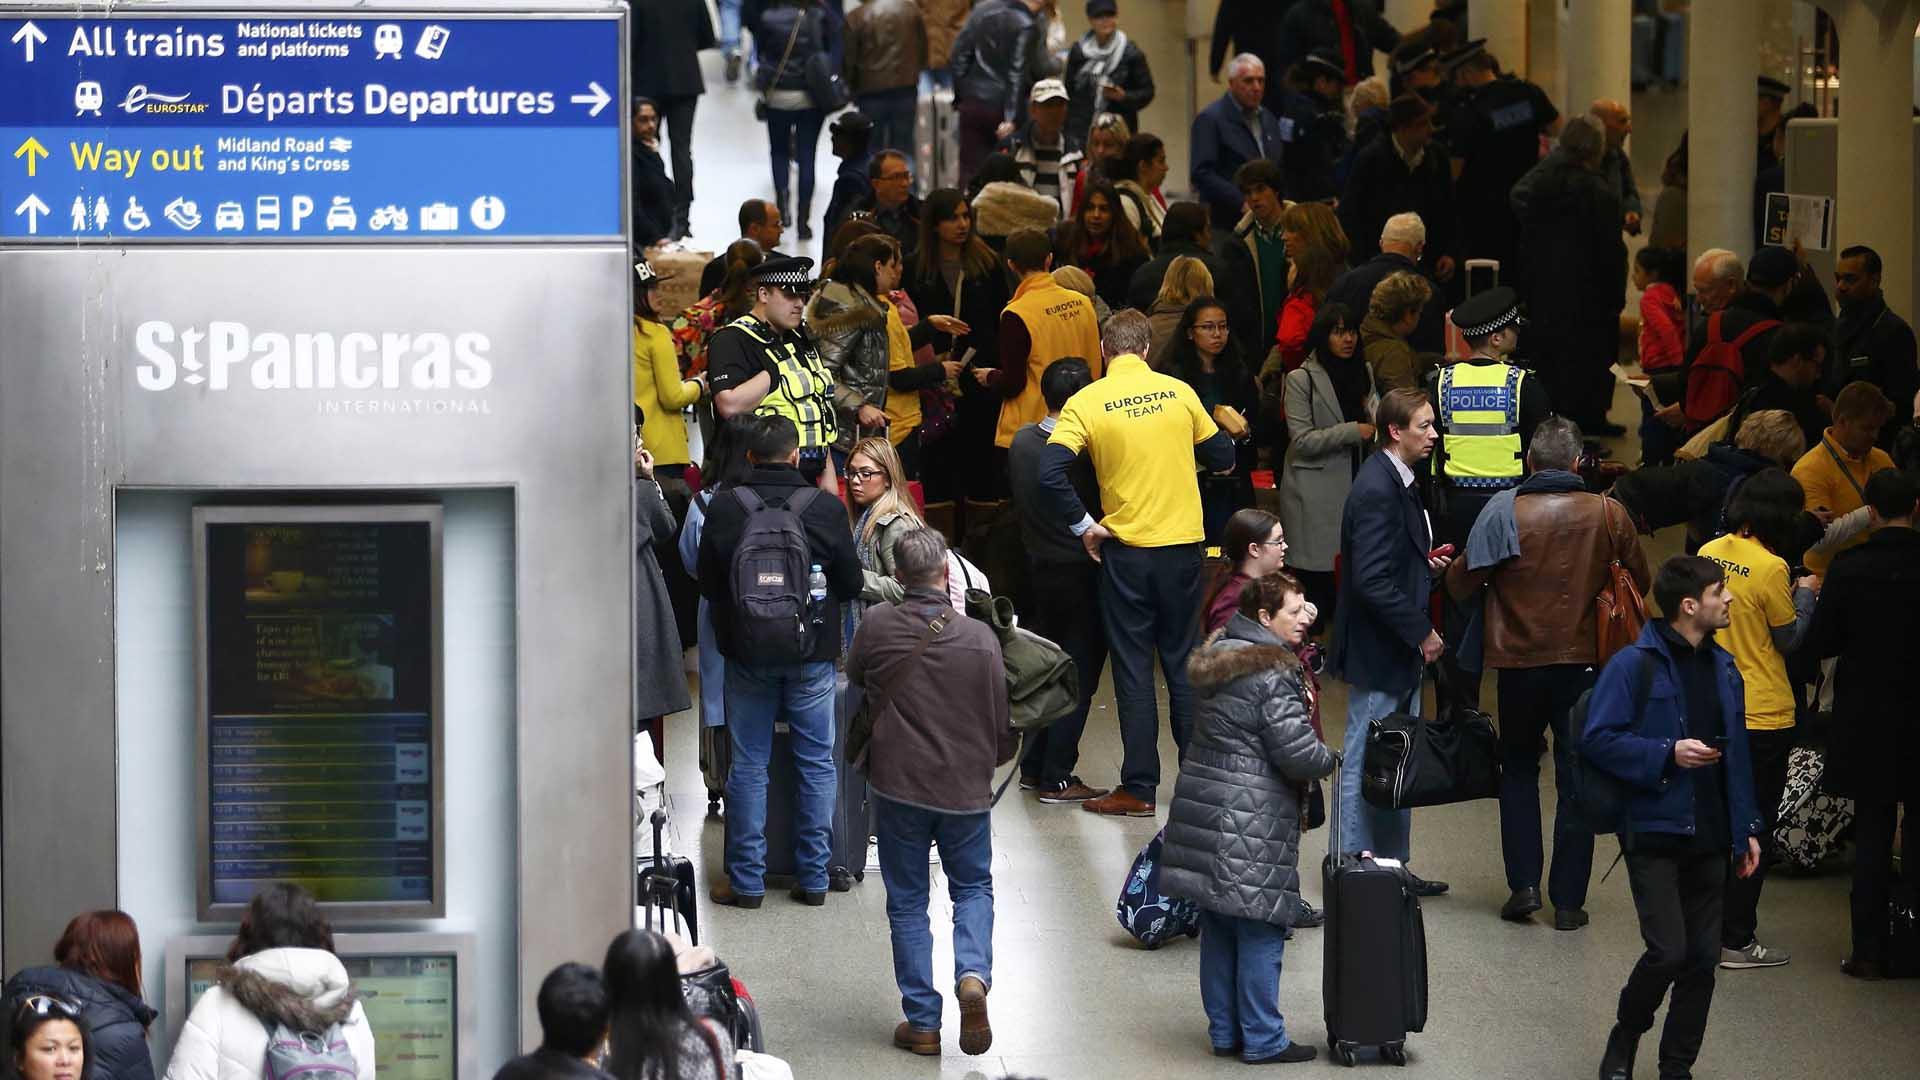 Alemania anunció la creación de una línea telefónica de emergencia para contactar a ciudadanos alemanes y familiares en Bélgica